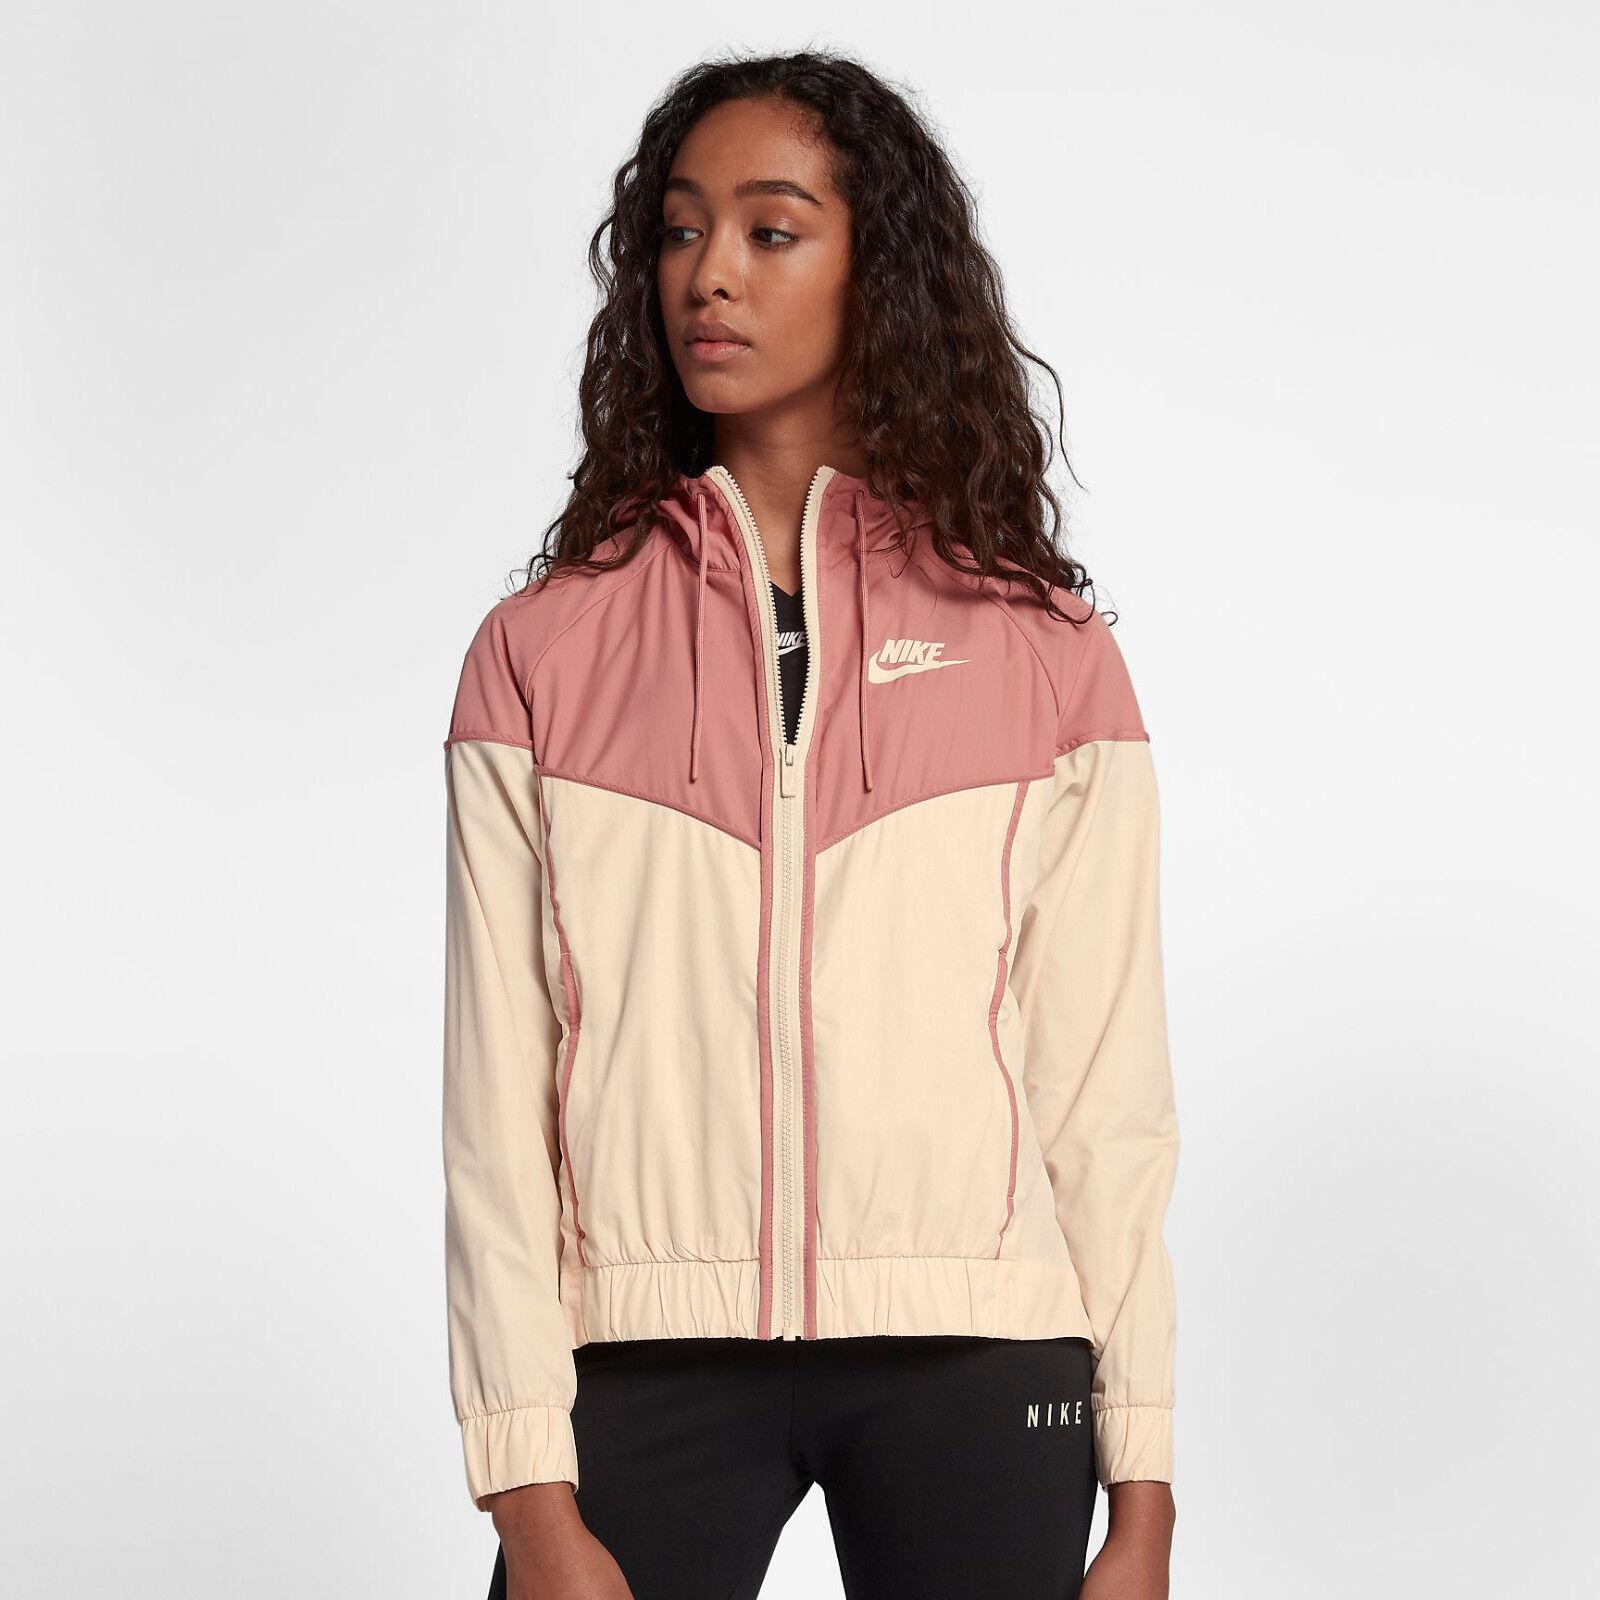 Nike Abbigliamento Sportivo Donna a Vento Giacca con Zip XS rosa Felpa Cappuccio